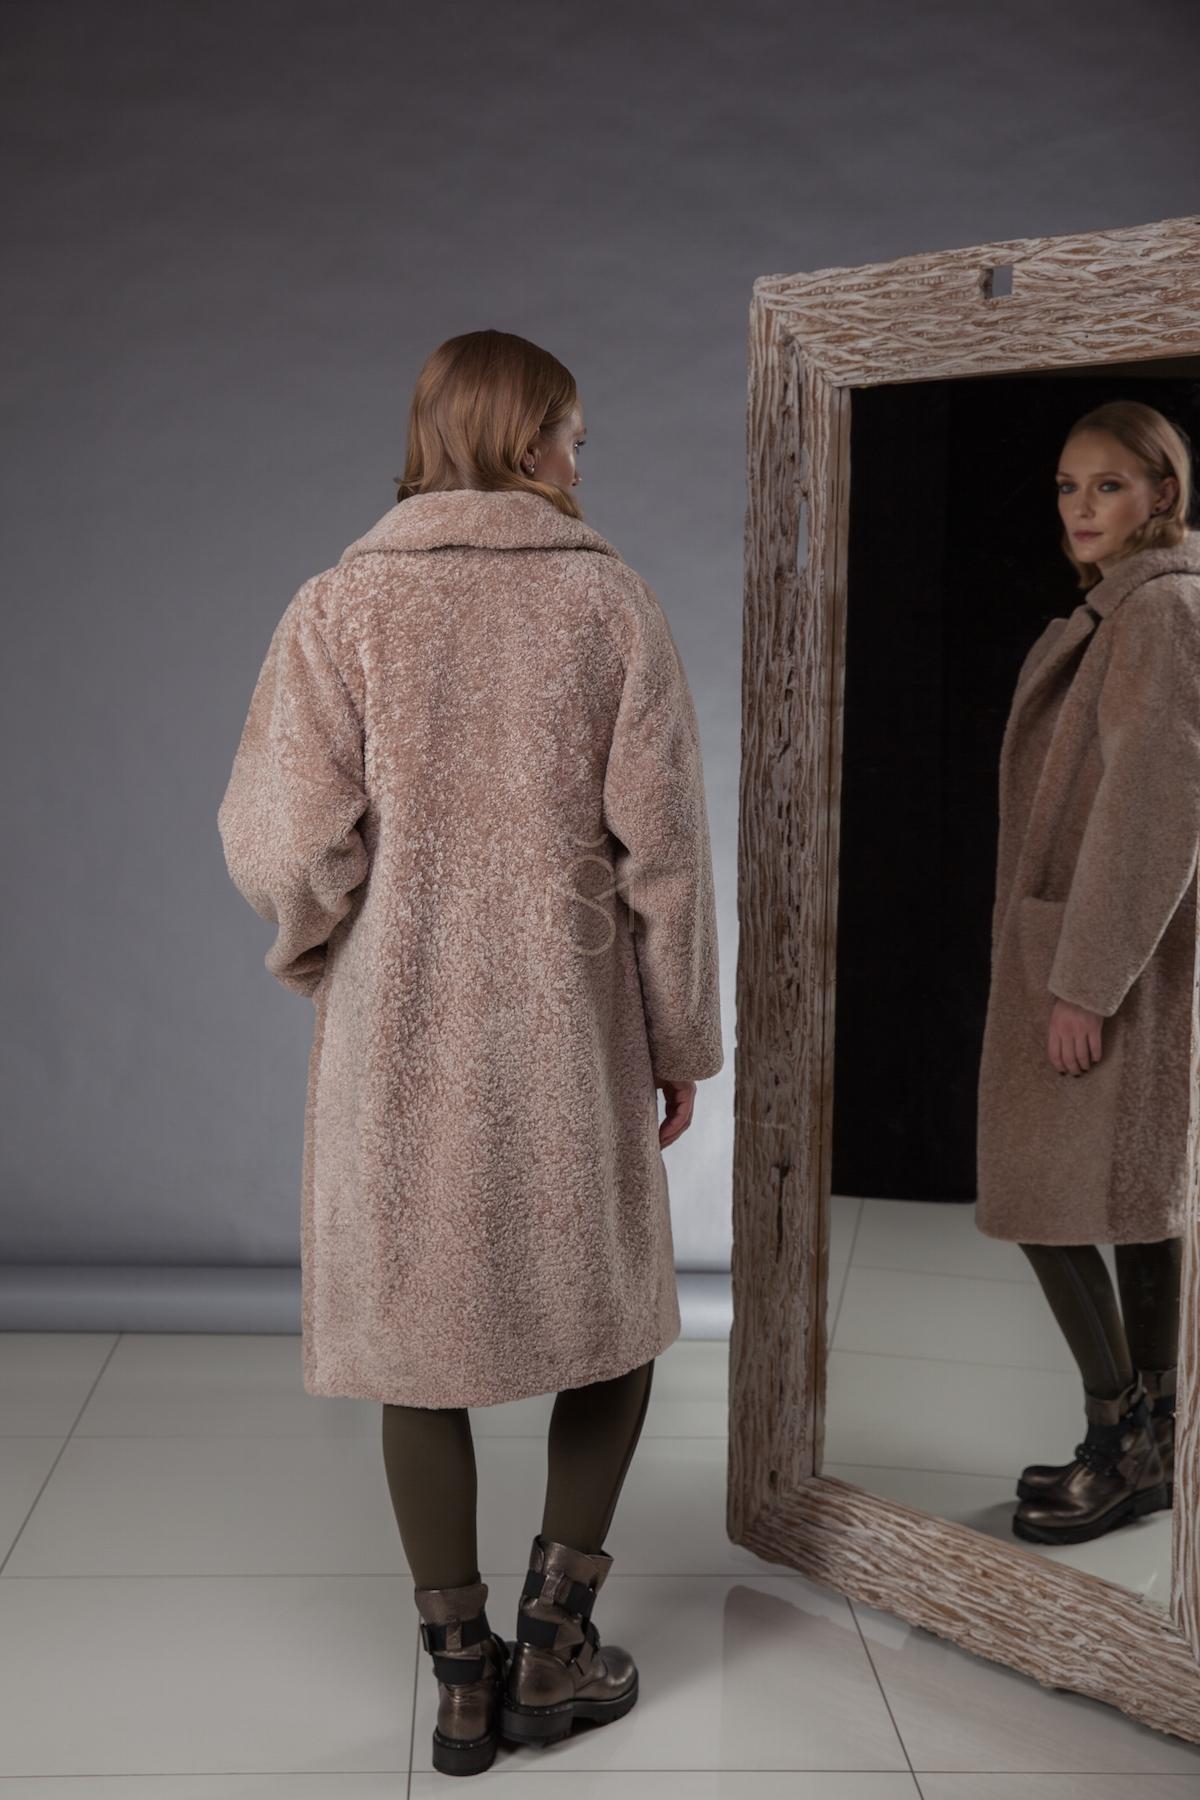 High quality,especially soft and light sheepskin coatmade by Silta Mada fur studio in Vilnius